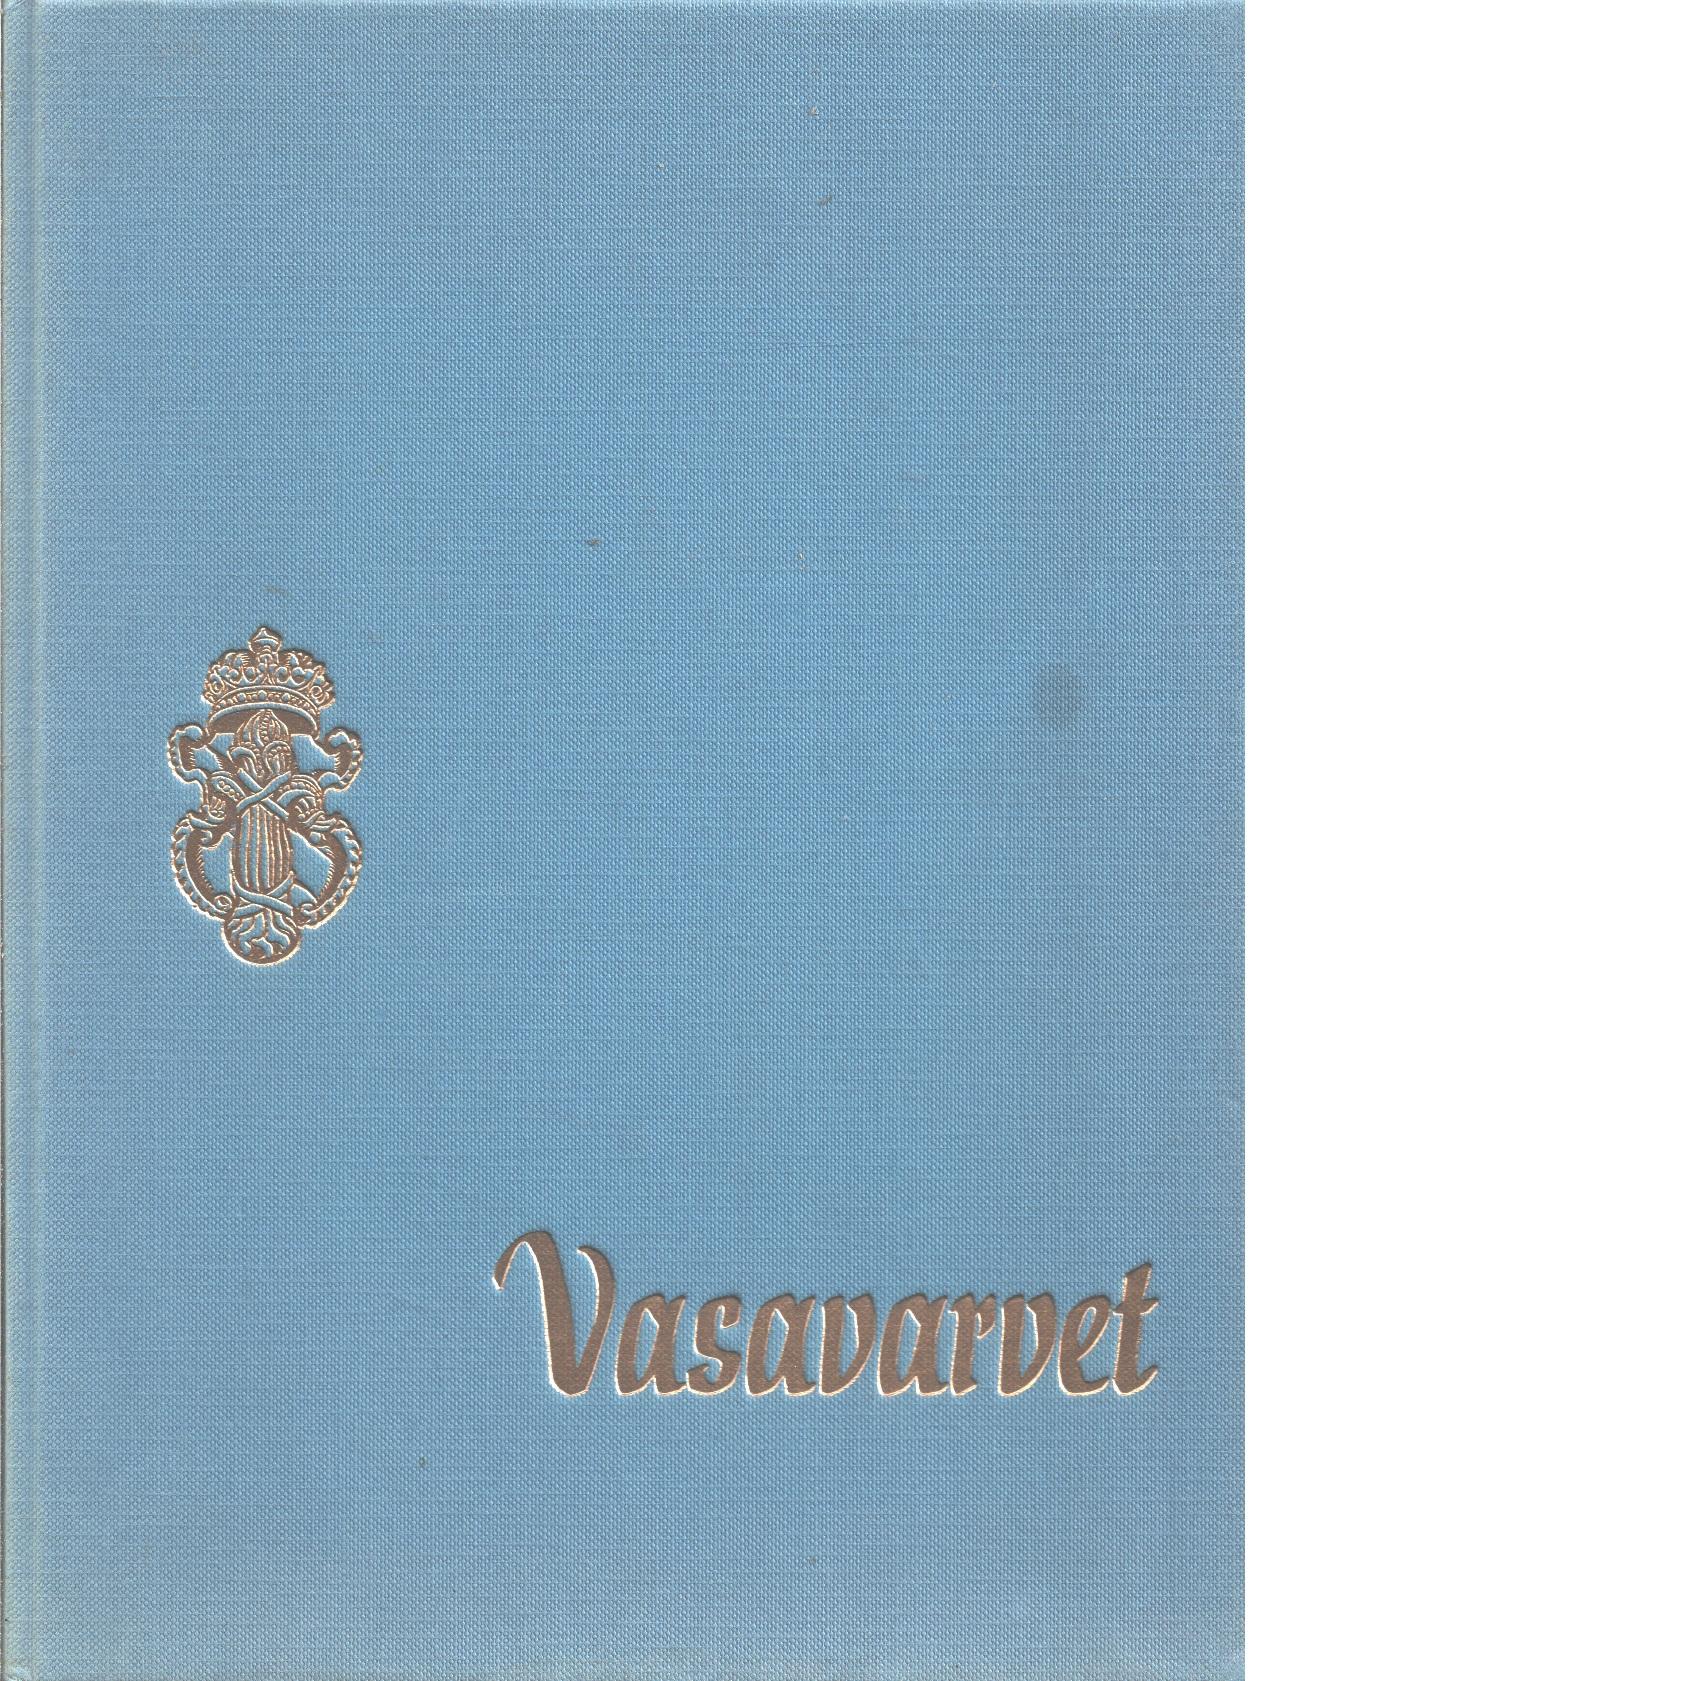 Vasavarvet - Synnelius, Rune Och Lindahl, Alf